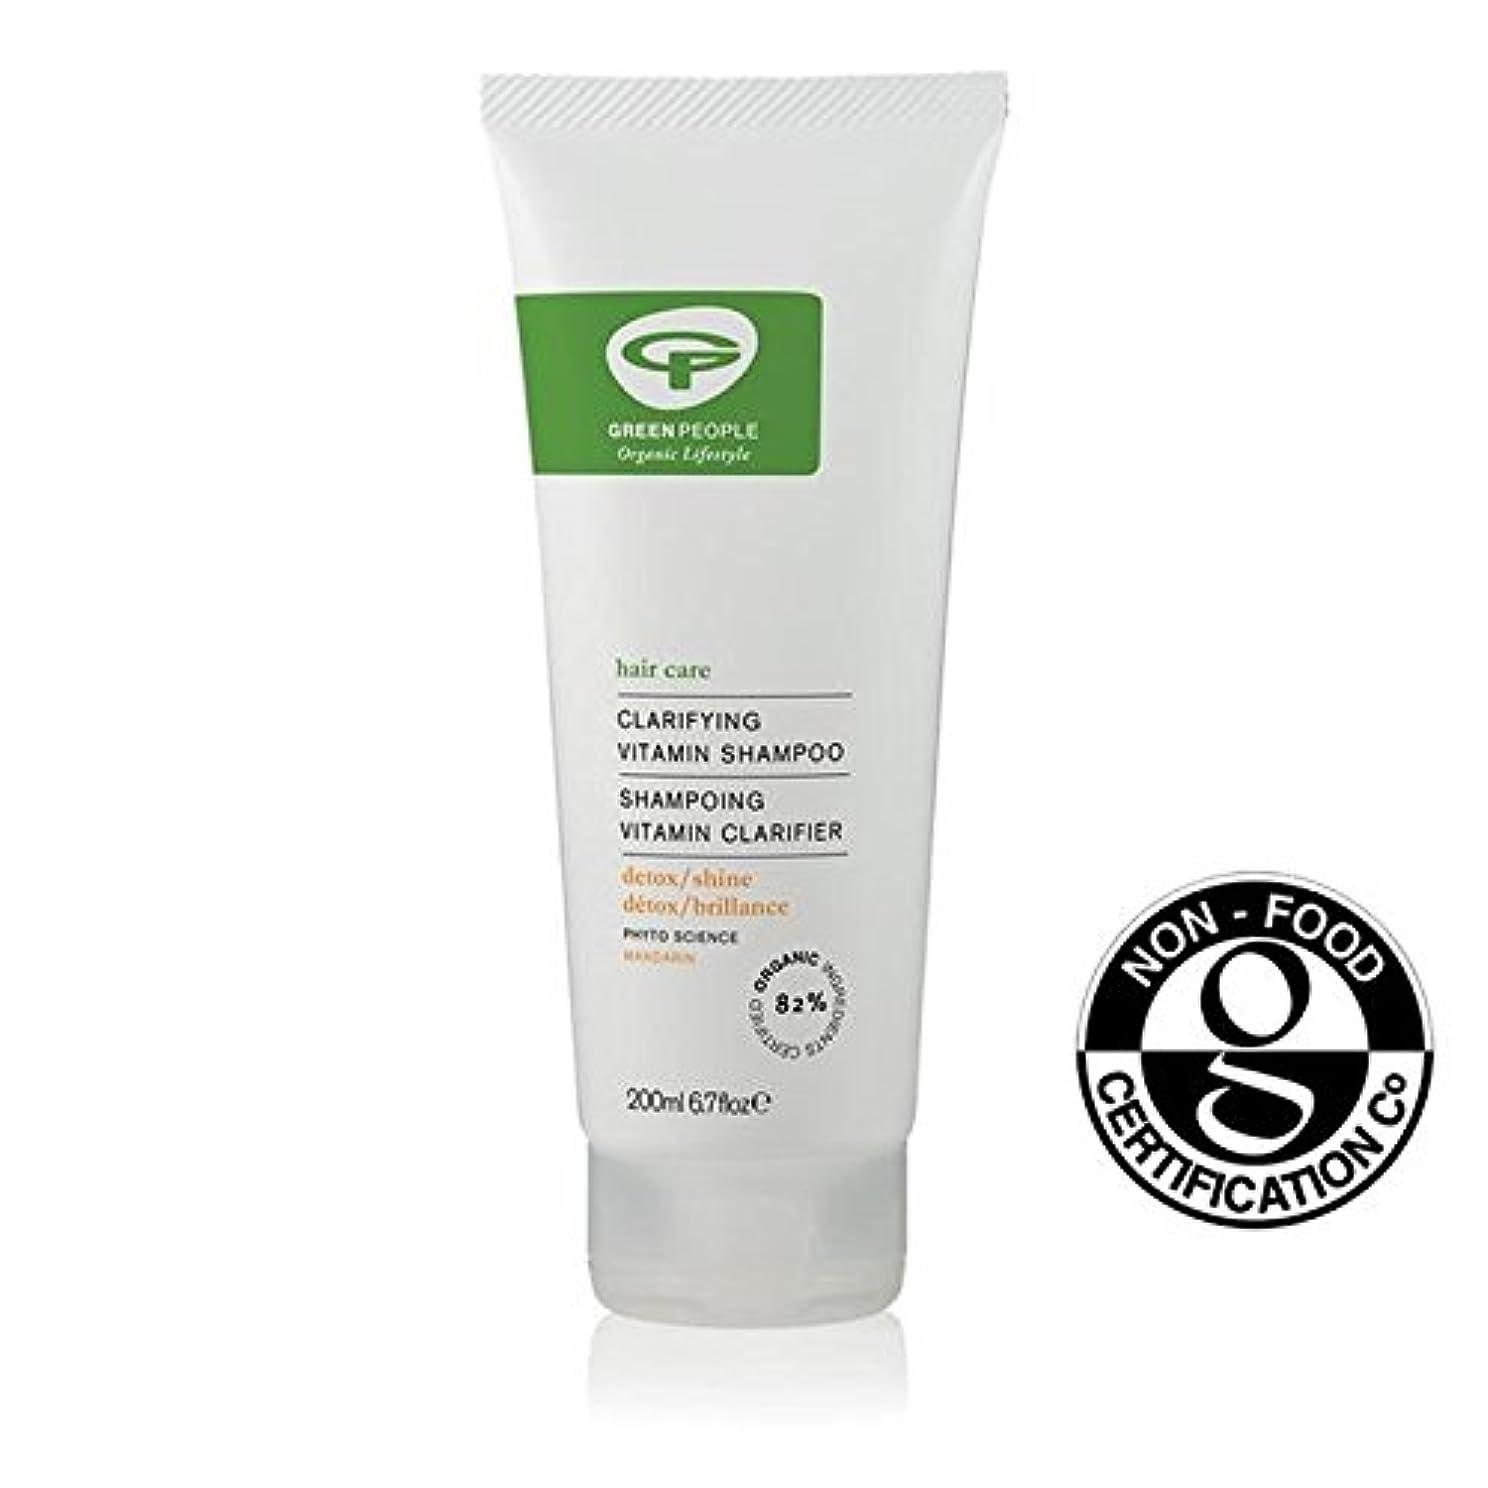 コンベンションうねる強制緑の人々の有機明確ビタミンシャンプー200ミリリットル x2 - Green People Organic Clarifying Vitamin Shampoo 200ml (Pack of 2) [並行輸入品]